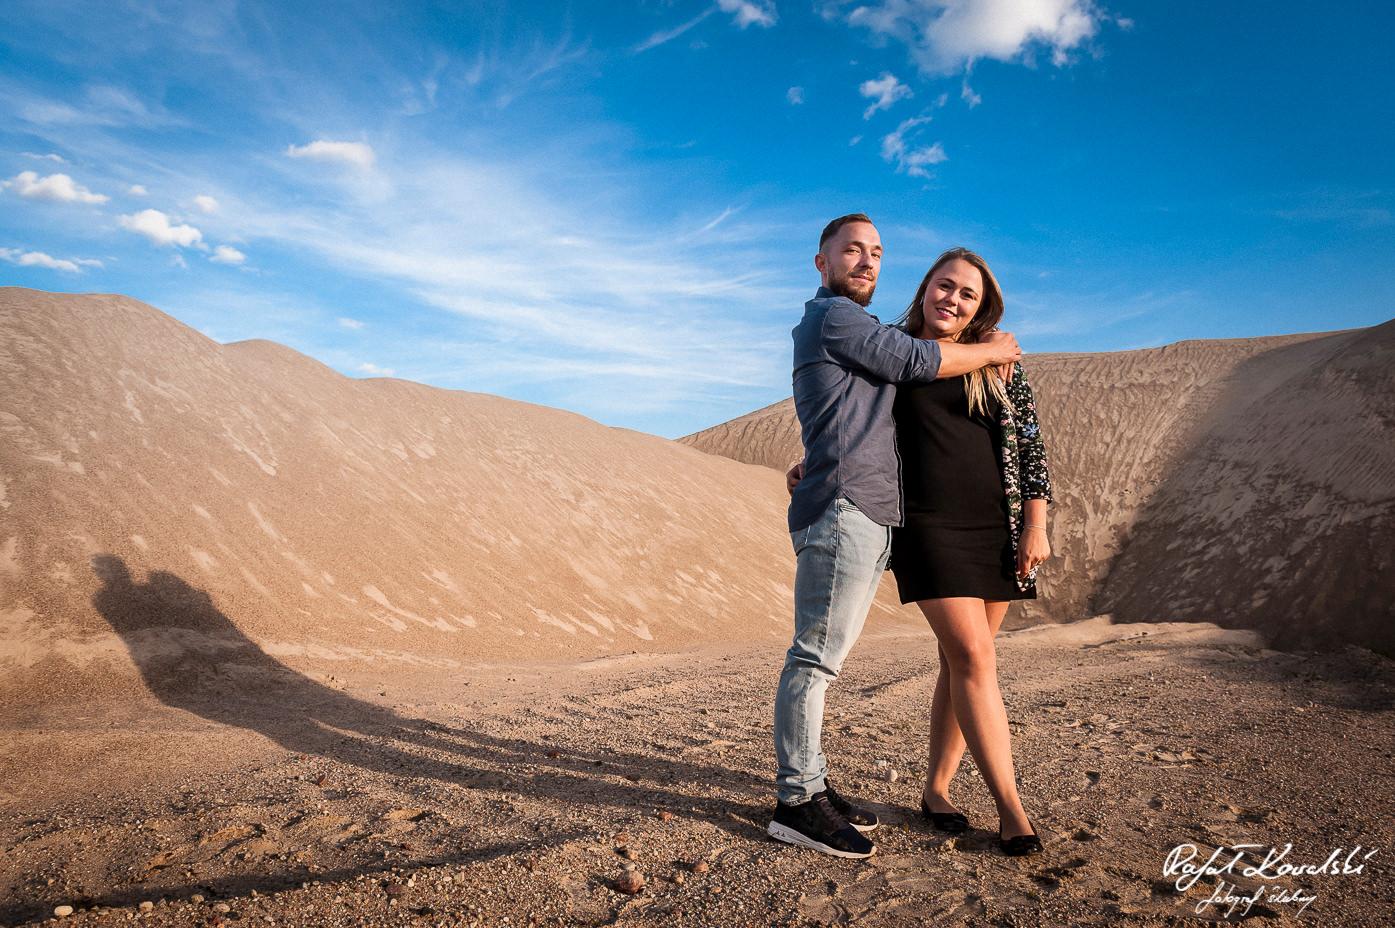 miłość między dwojgiem narzeczonych widać na fotografiach - pustynna sesja narzeczeńska fotograf gdańsk Rafał Kowalski